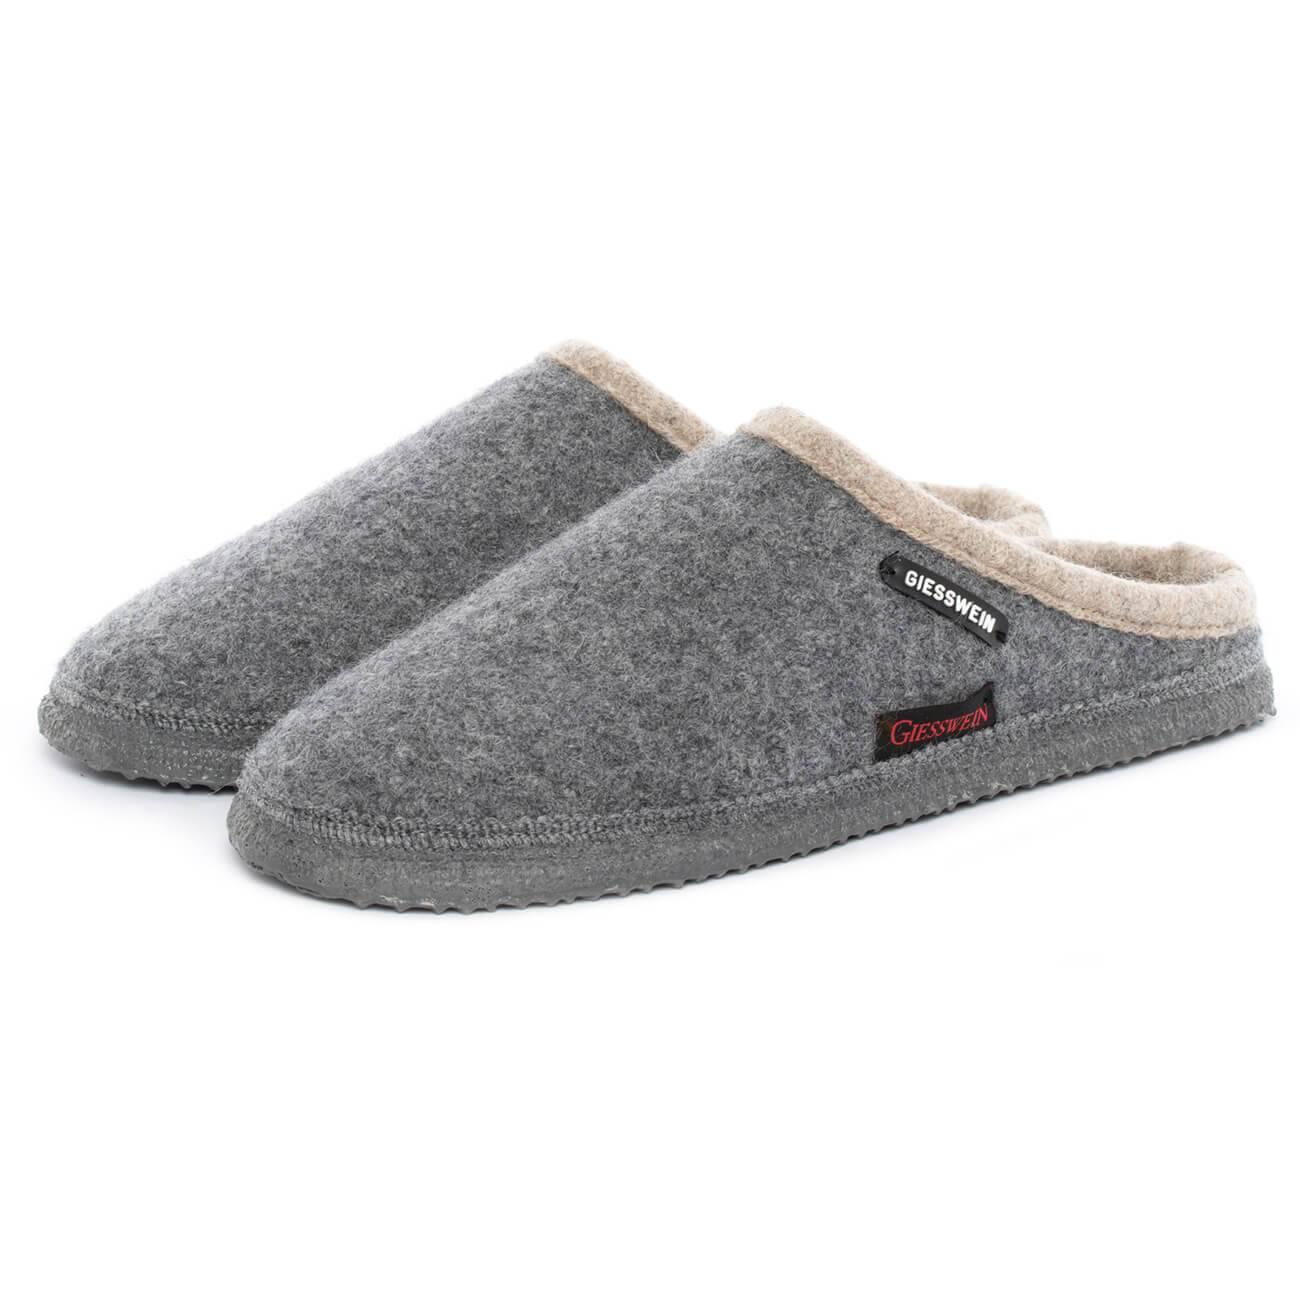 Giesswein Dannheim grau schiefer Schuhe Pantoffel Hausschuhe Damen